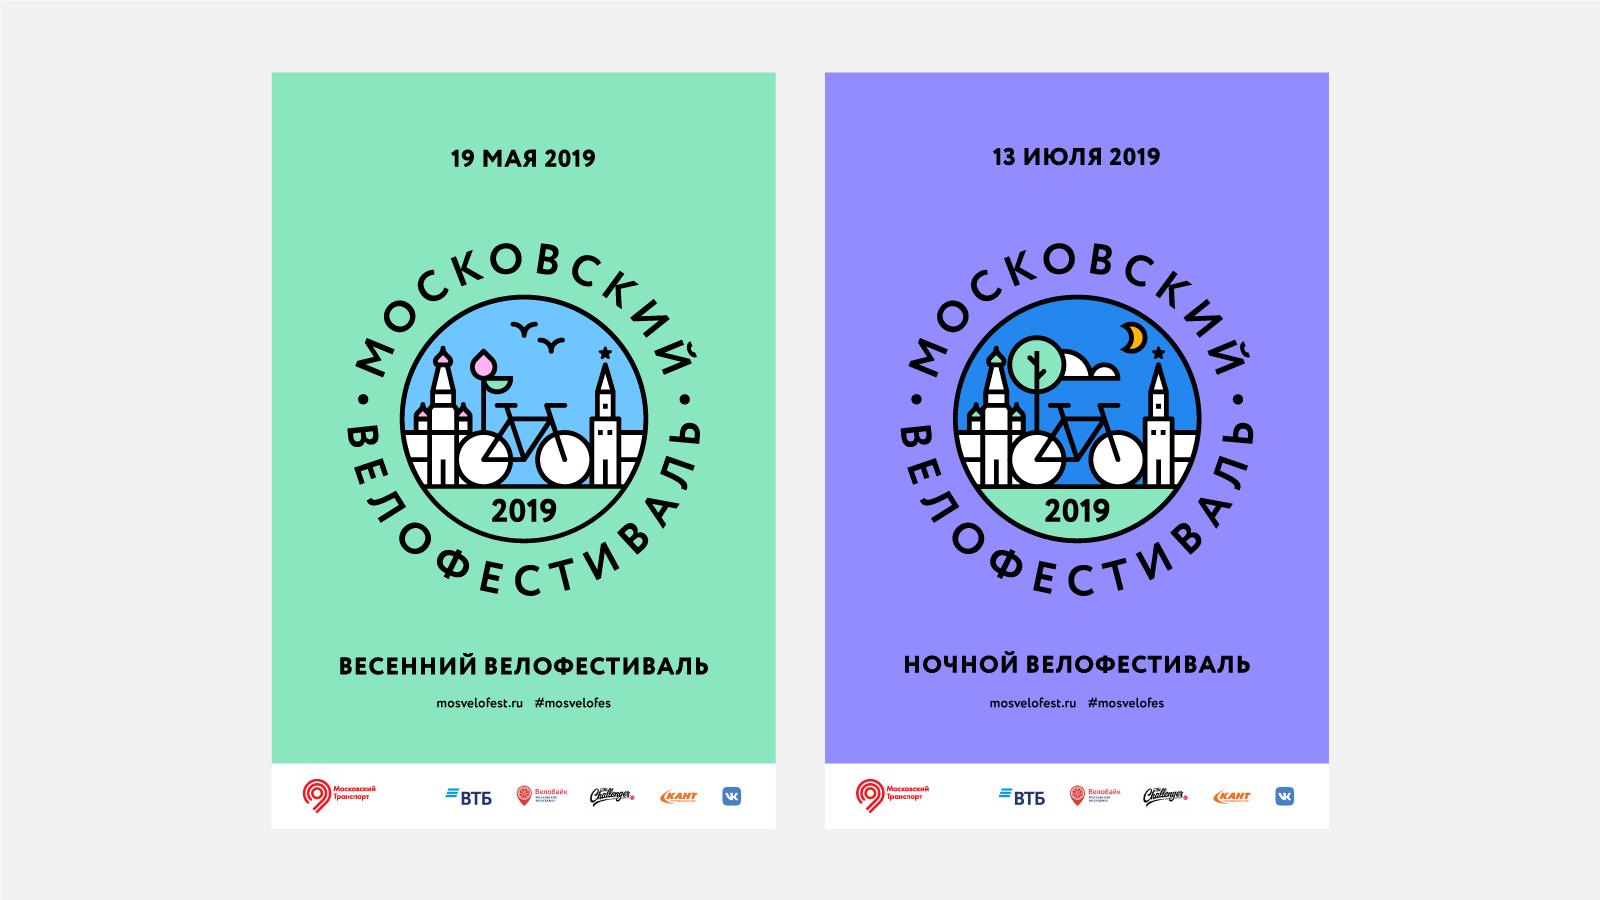 Для Ночного Велофестиваля, который проходит в июле, подобрана соответствующая цветовая палитра и графика.